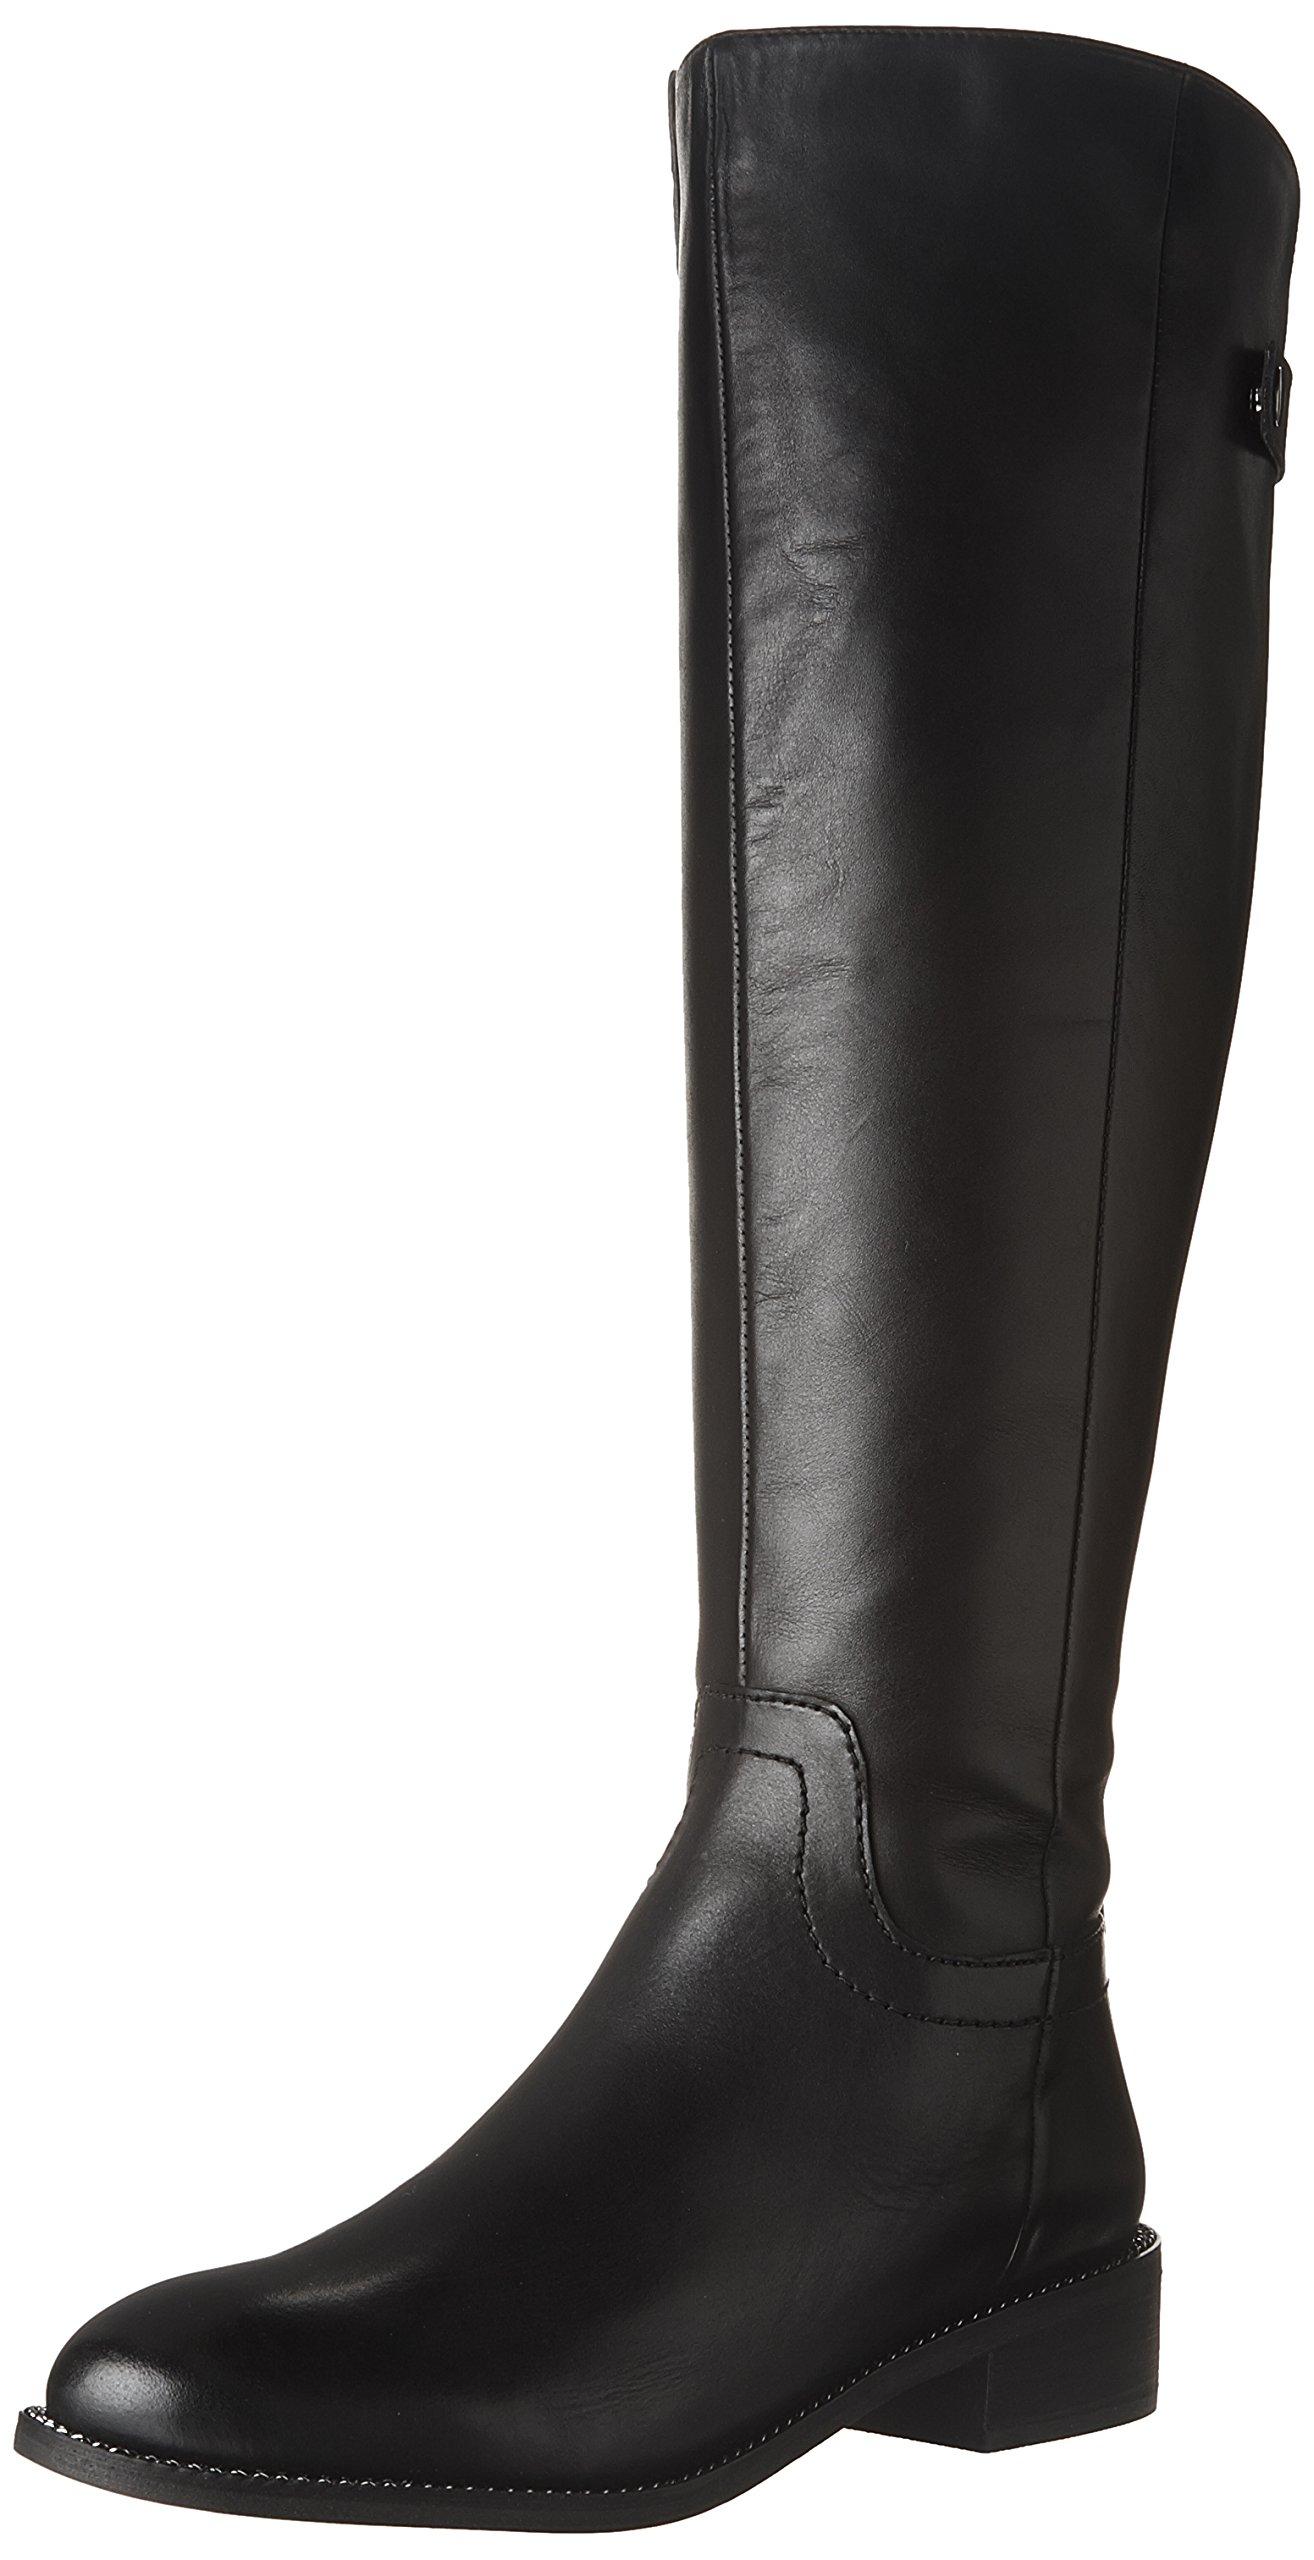 Franco Sarto Women's Brindley Equestrian Boot, Black, 7.5 M US by Franco Sarto